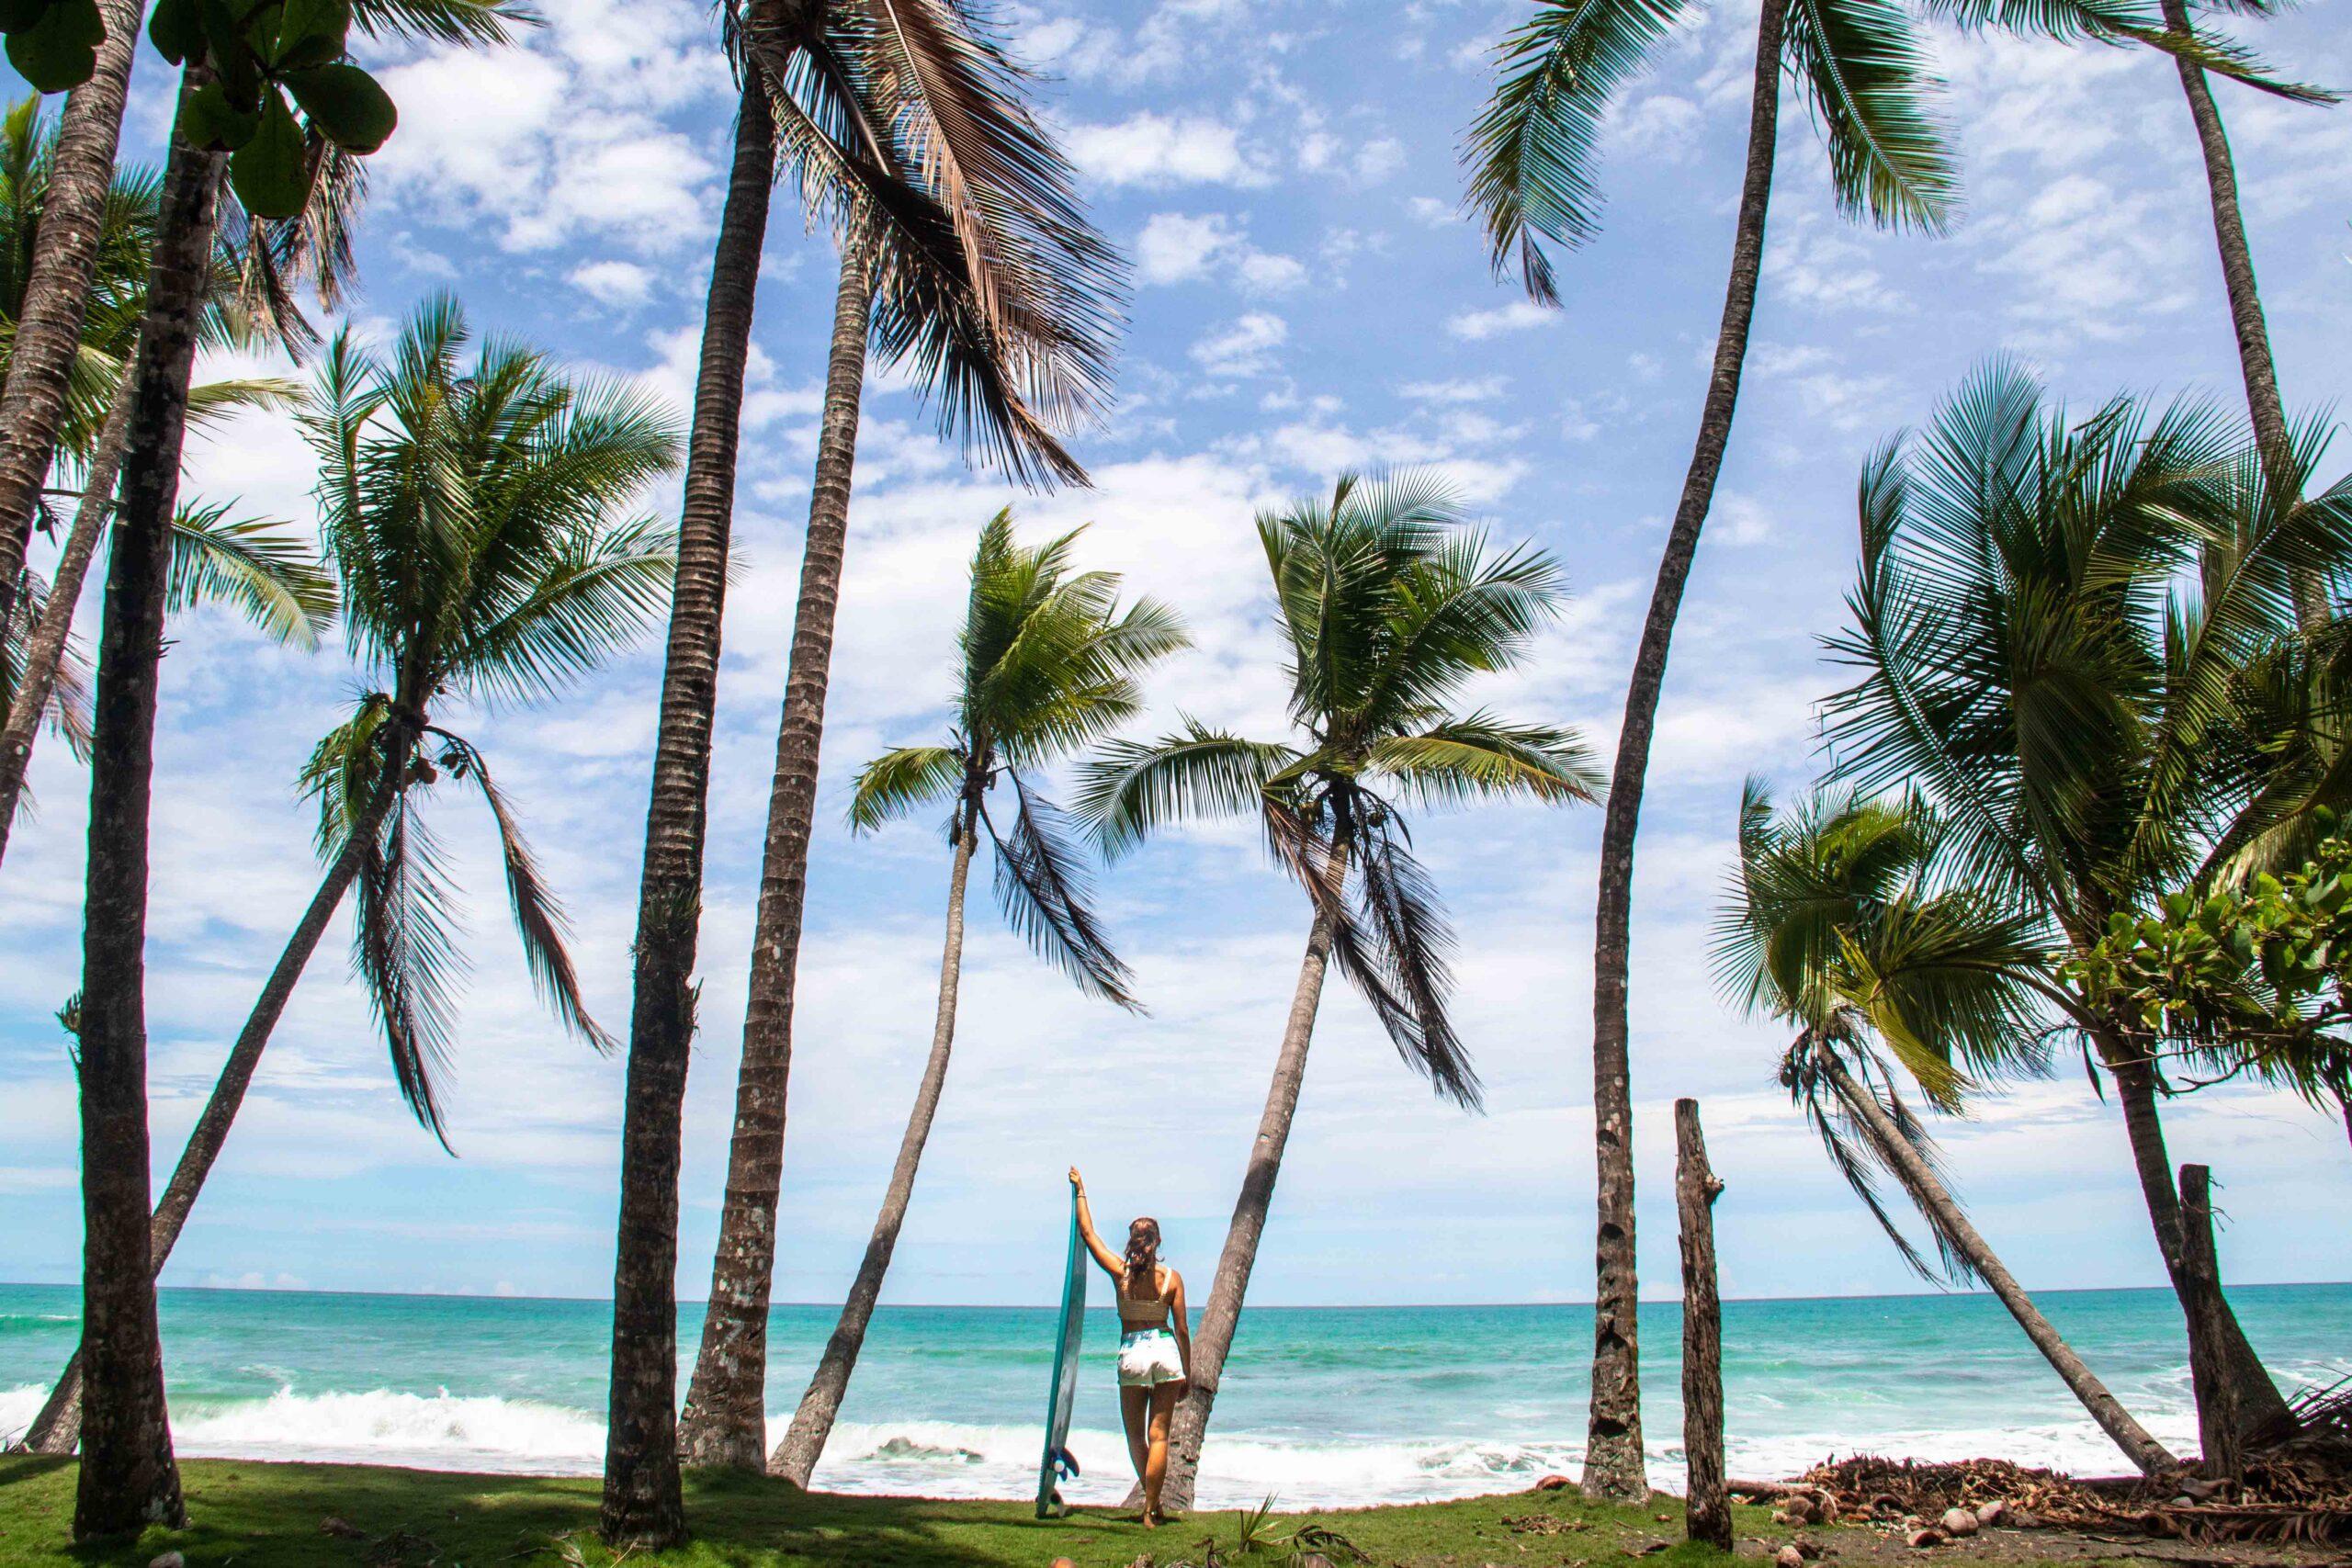 Surfer girl at Punta Banco beach